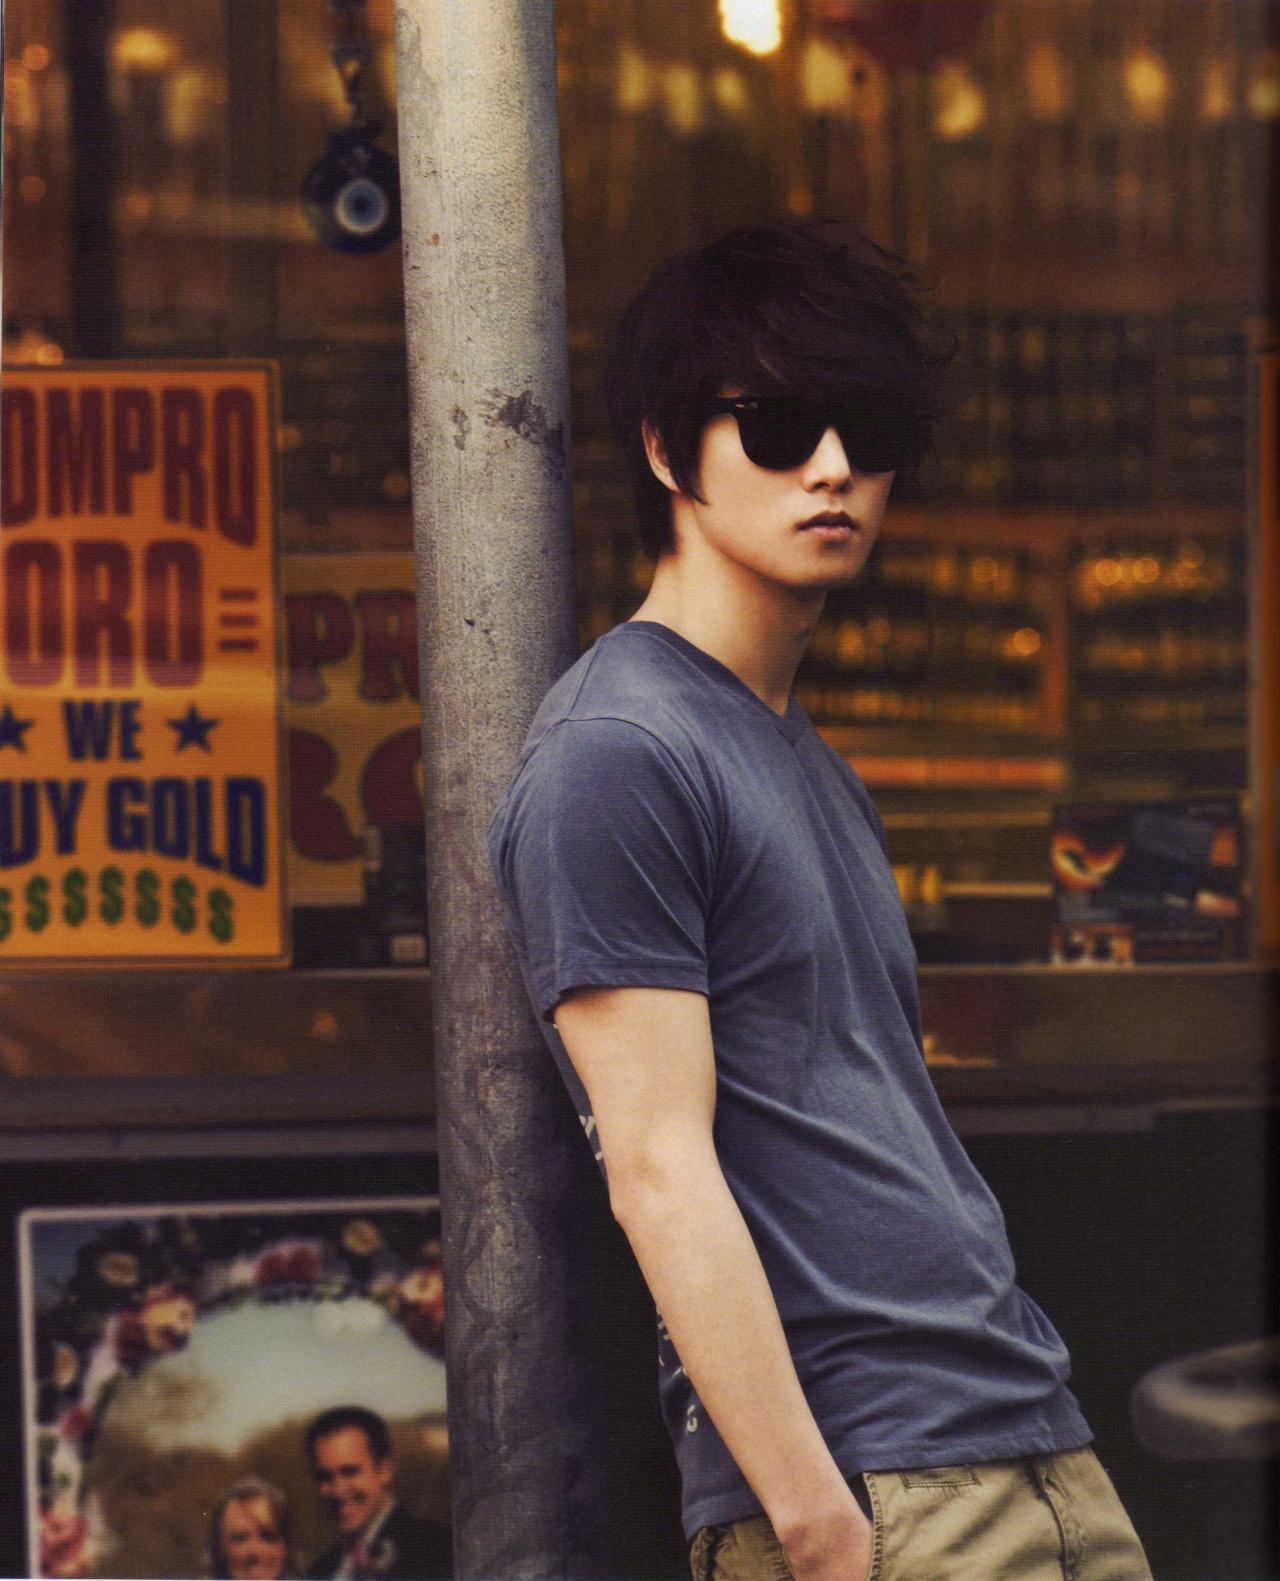 http://4.bp.blogspot.com/-lWWOuzWs724/T6QOsc9_rFI/AAAAAAAAJqA/M6SDWYPUTSE/s1600/%5BSCAN%5D+CNBLUE+Ear+Fun+Limited+Edition+Part+1+-+JongHyun+(1).jpg